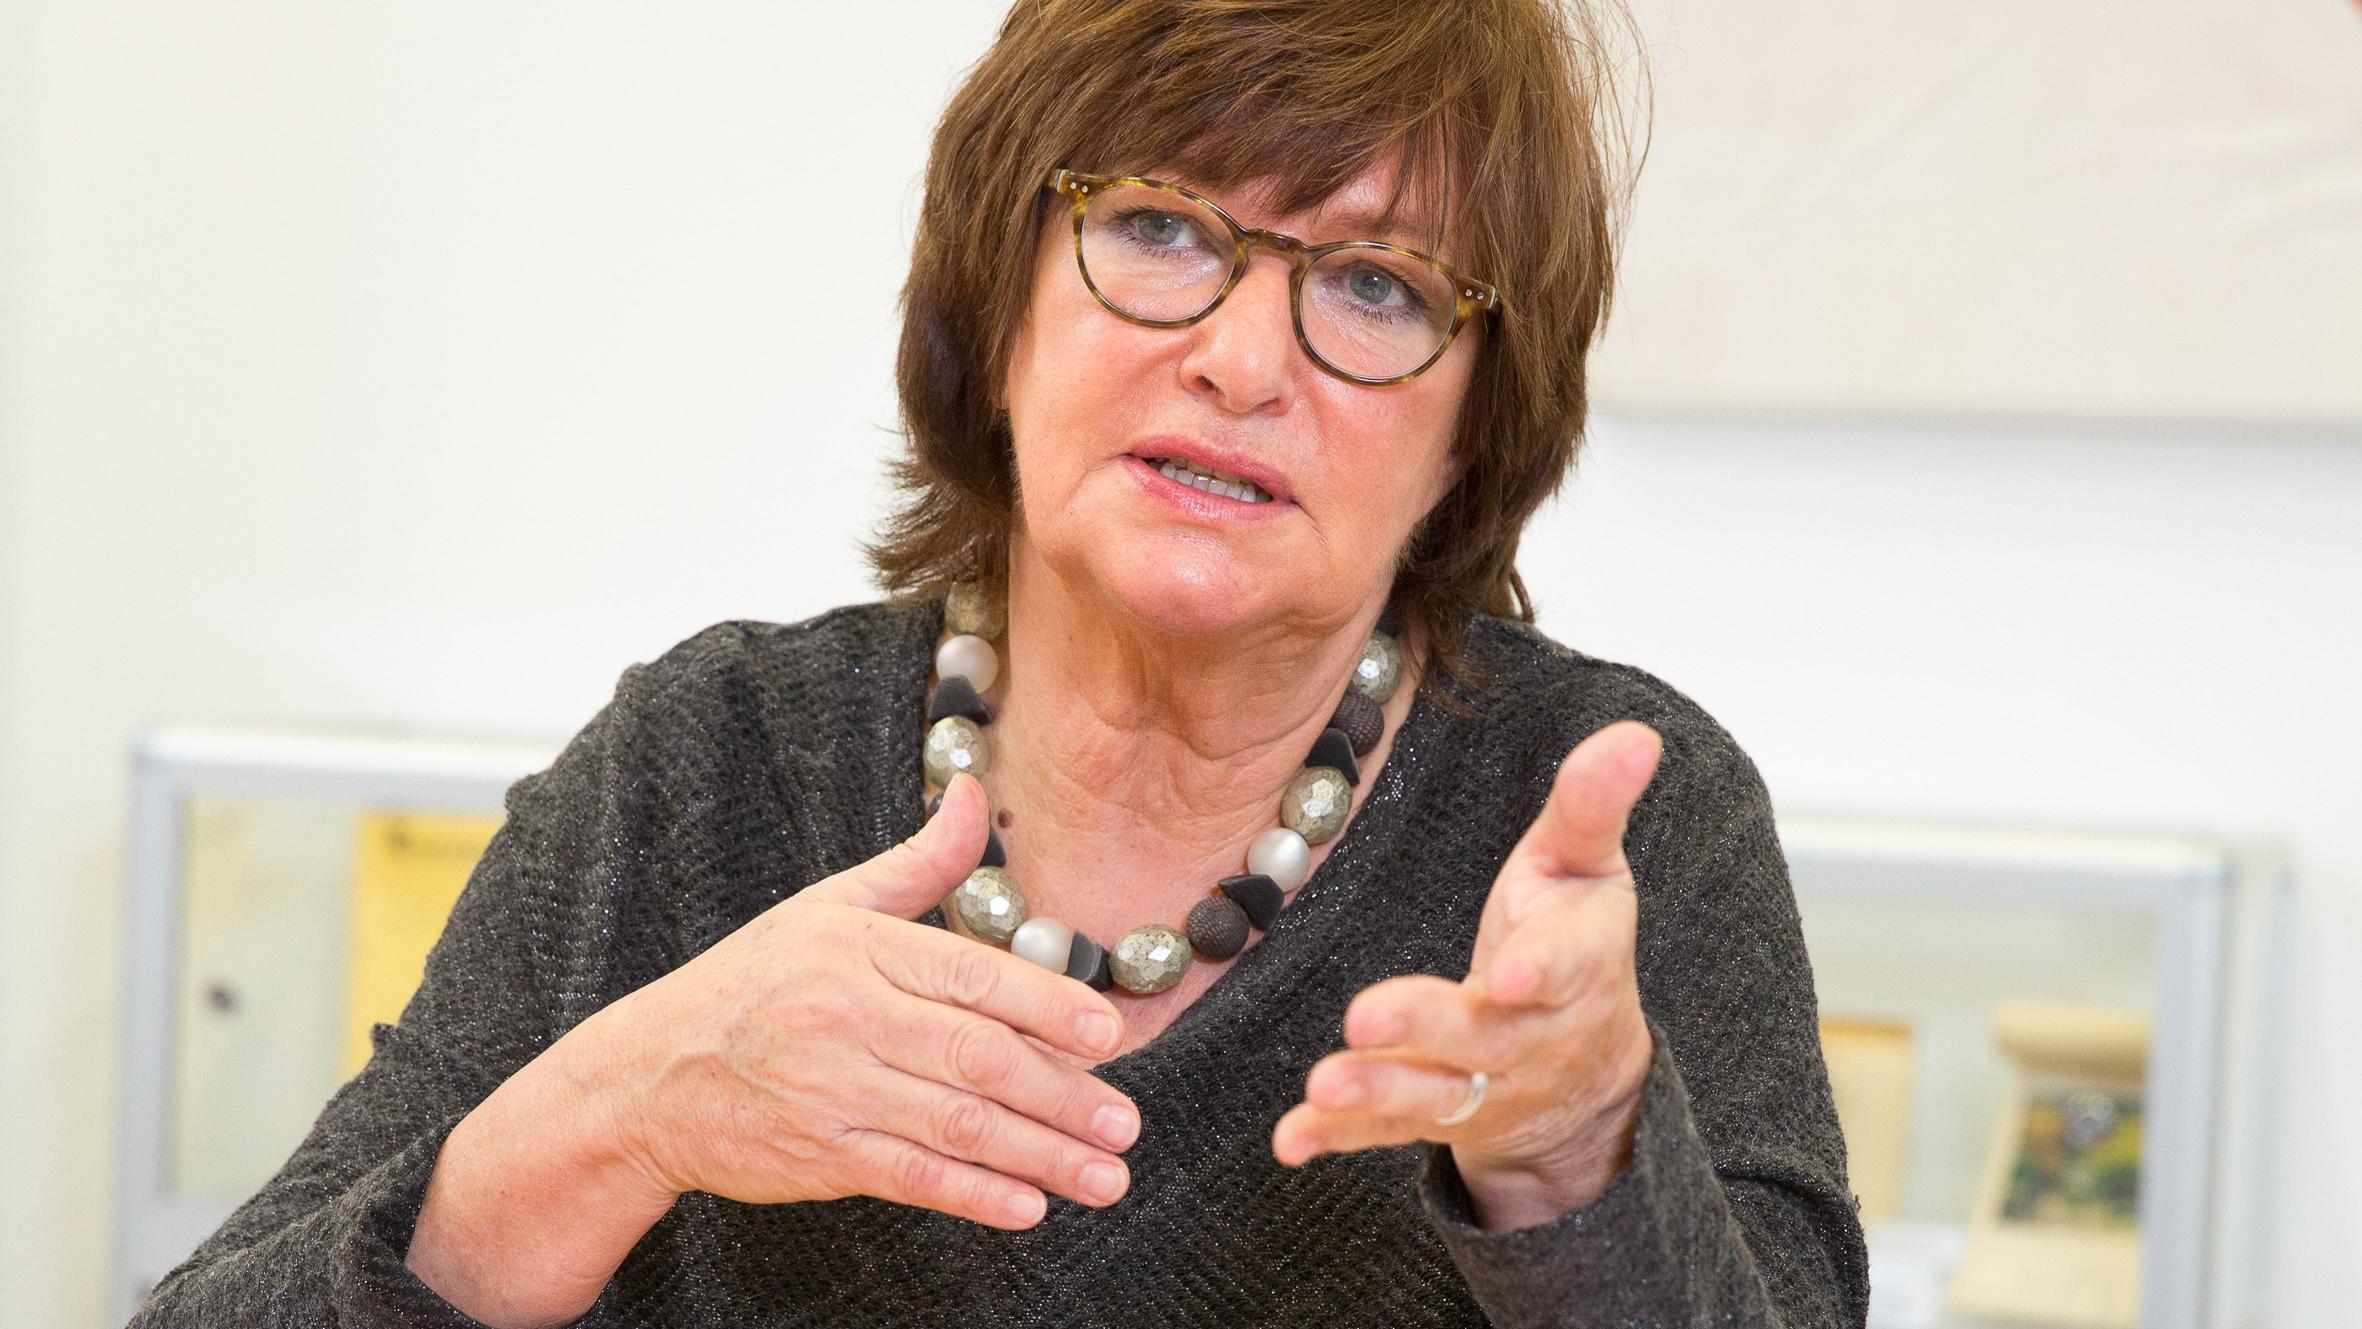 Foto von Ute Kumpf, Mitglied des Bundestages von 1998 bis 2013